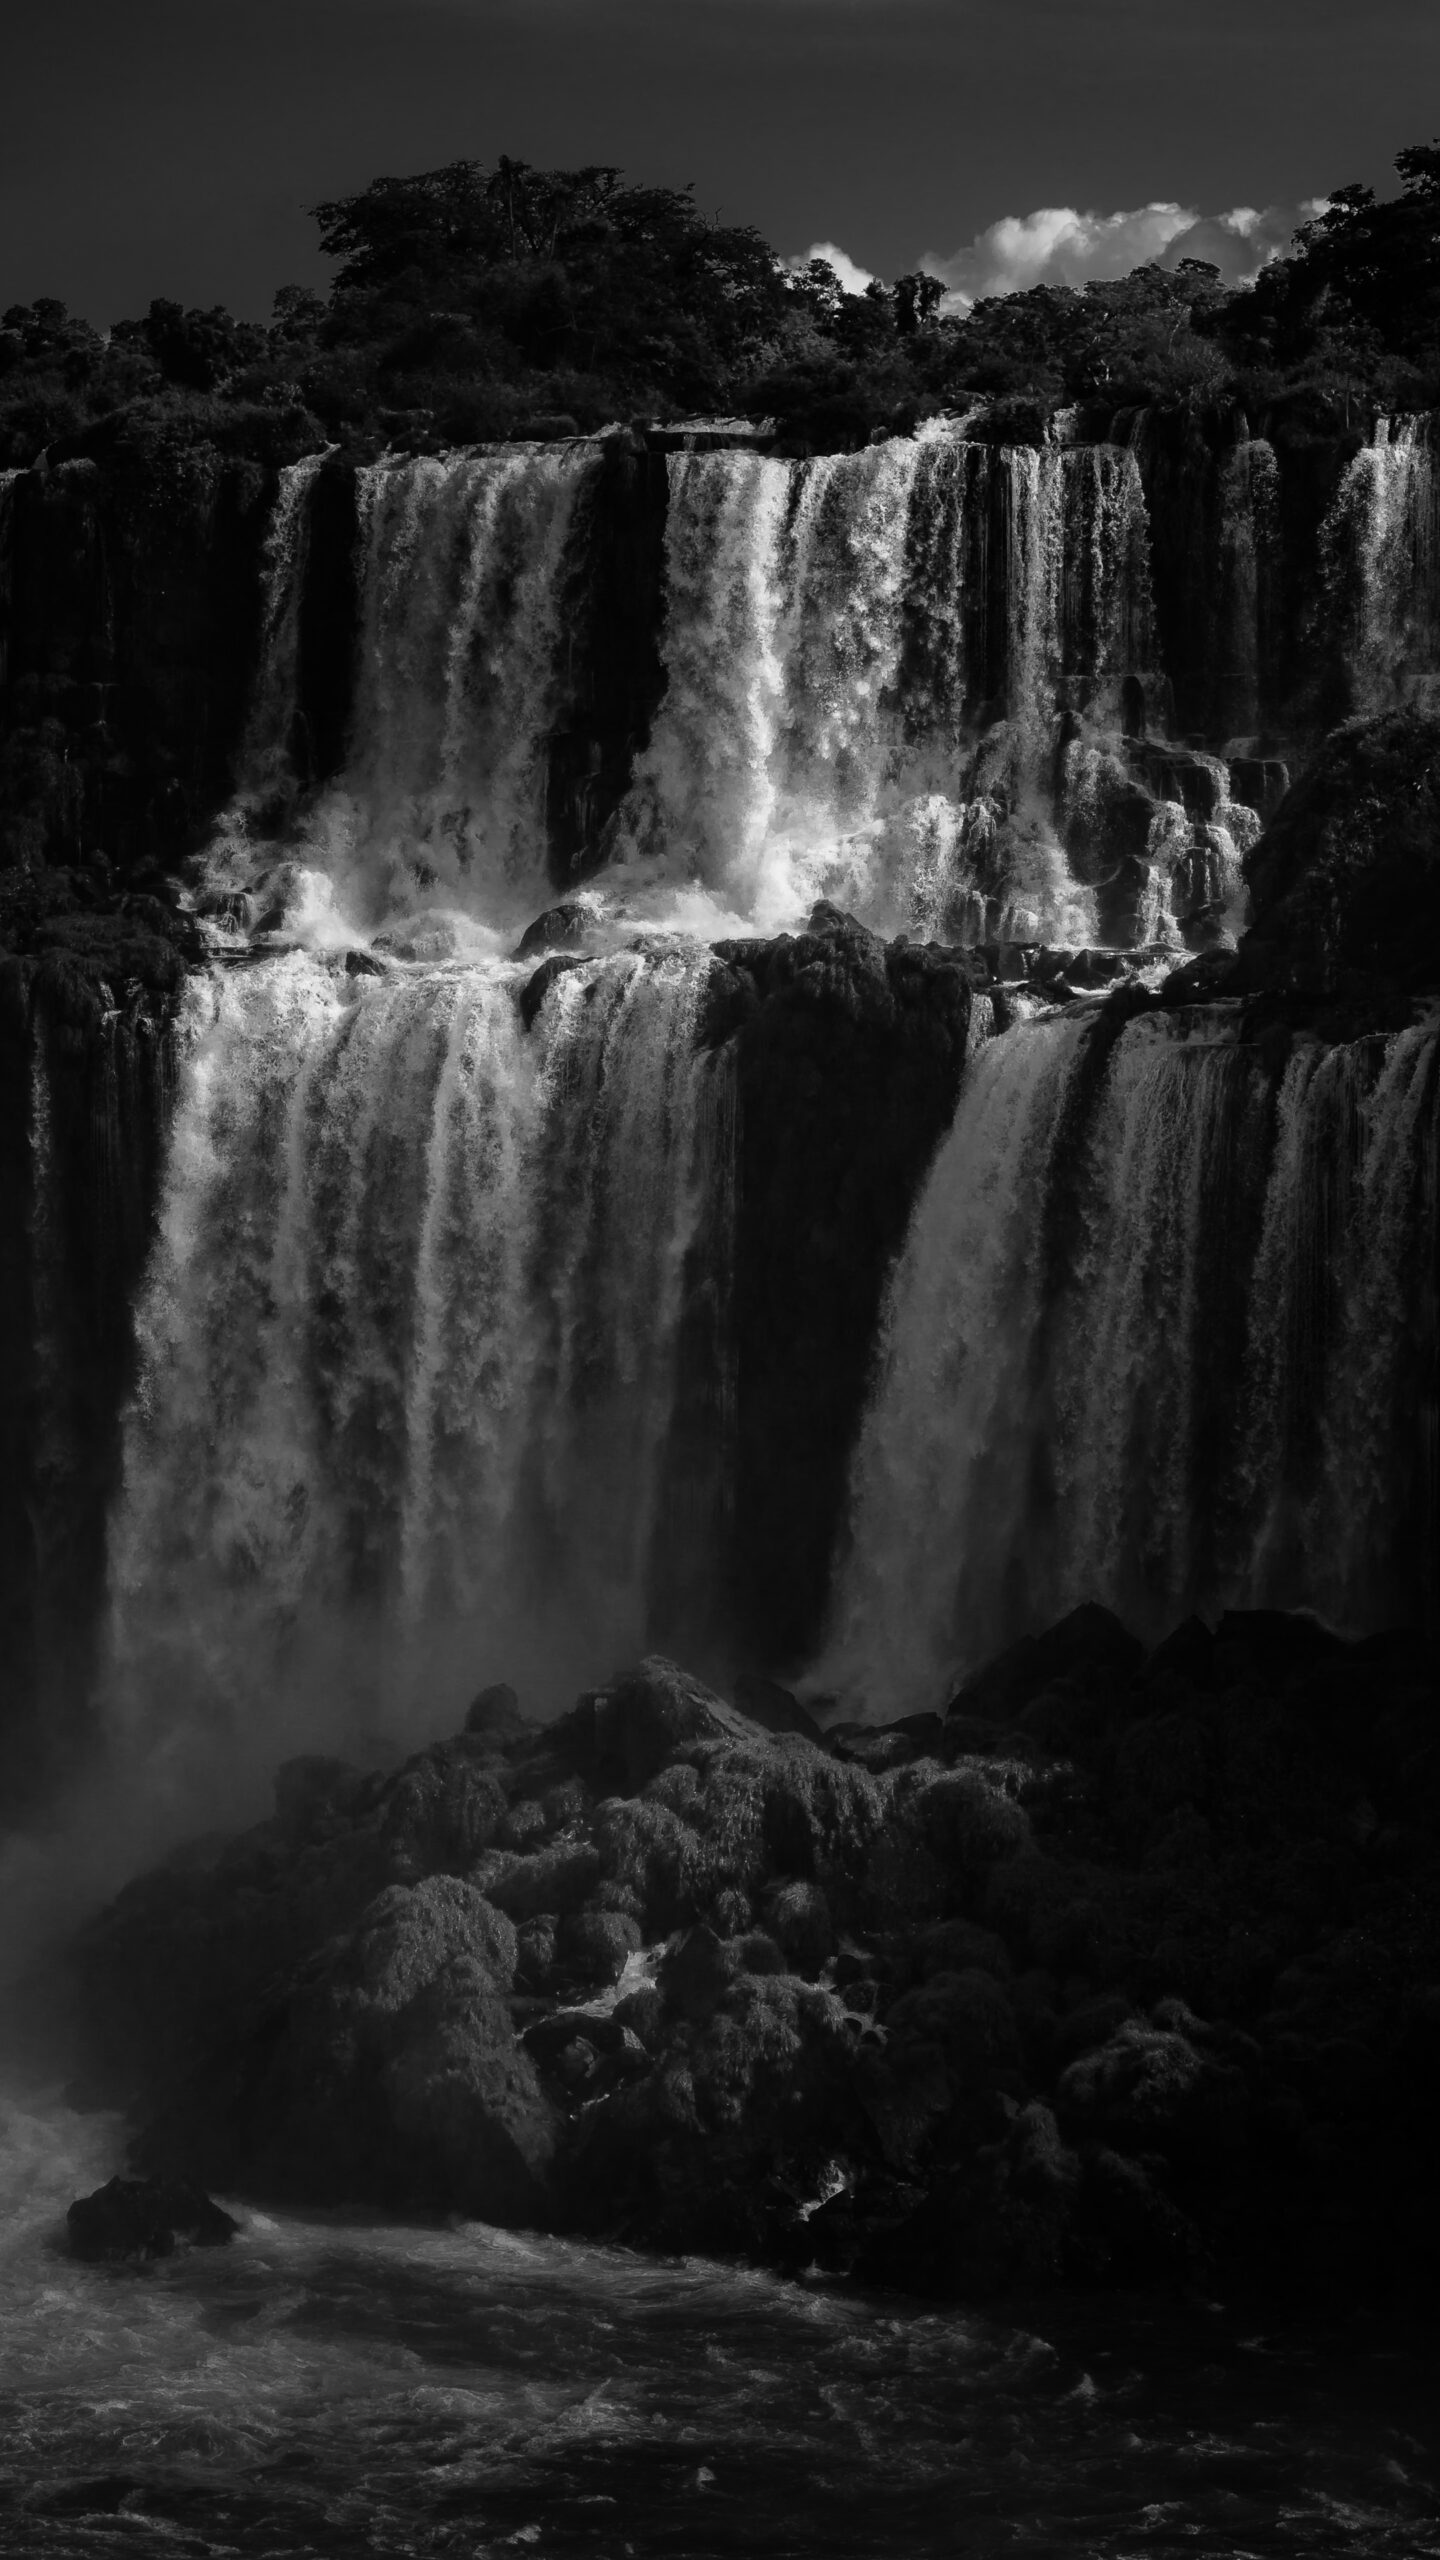 Fondo de pantalla Luces entre Sombras por Emilio Küffer